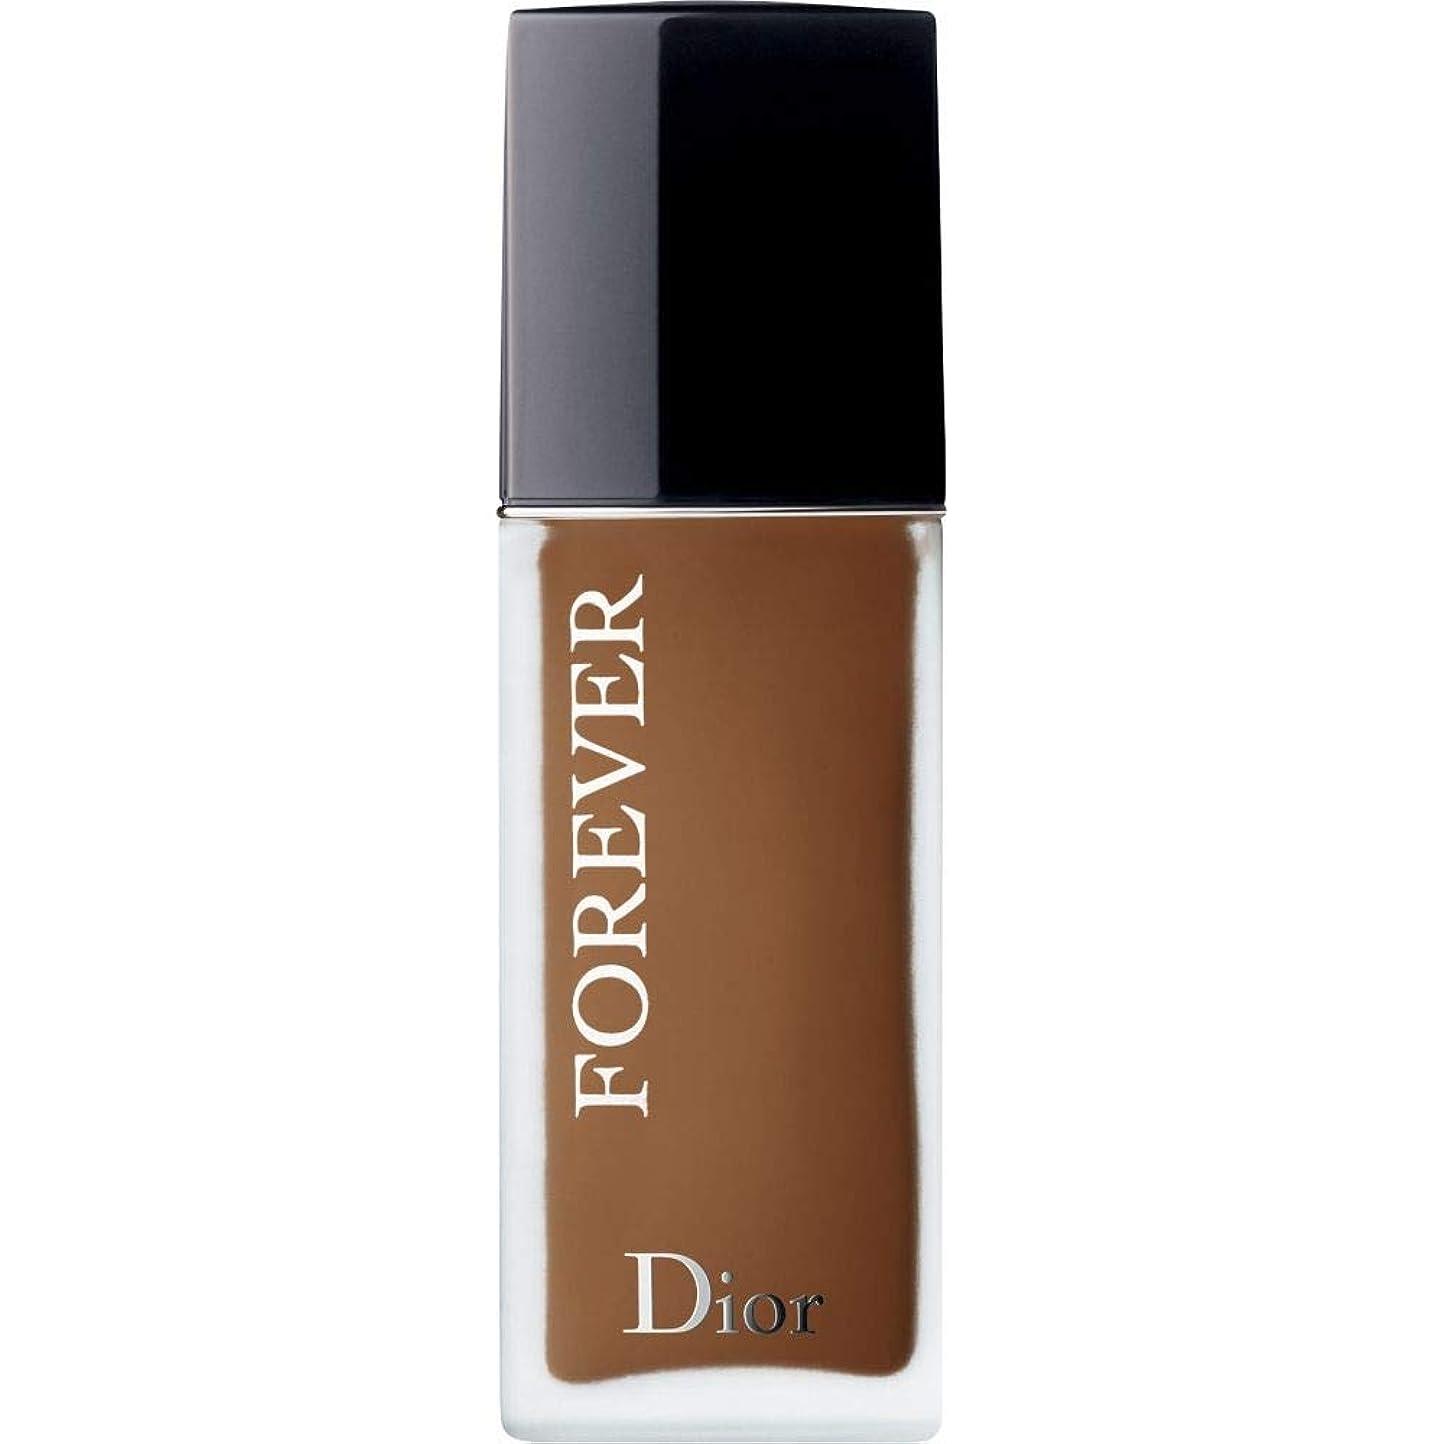 反論水没あまりにも[Dior ] ディオール永遠皮膚思いやりの基盤Spf35 30ミリリットルの7.5N - ニュートラル(つや消し) - DIOR Forever Skin-Caring Foundation SPF35 30ml 7.5N - Neutral (Matte) [並行輸入品]